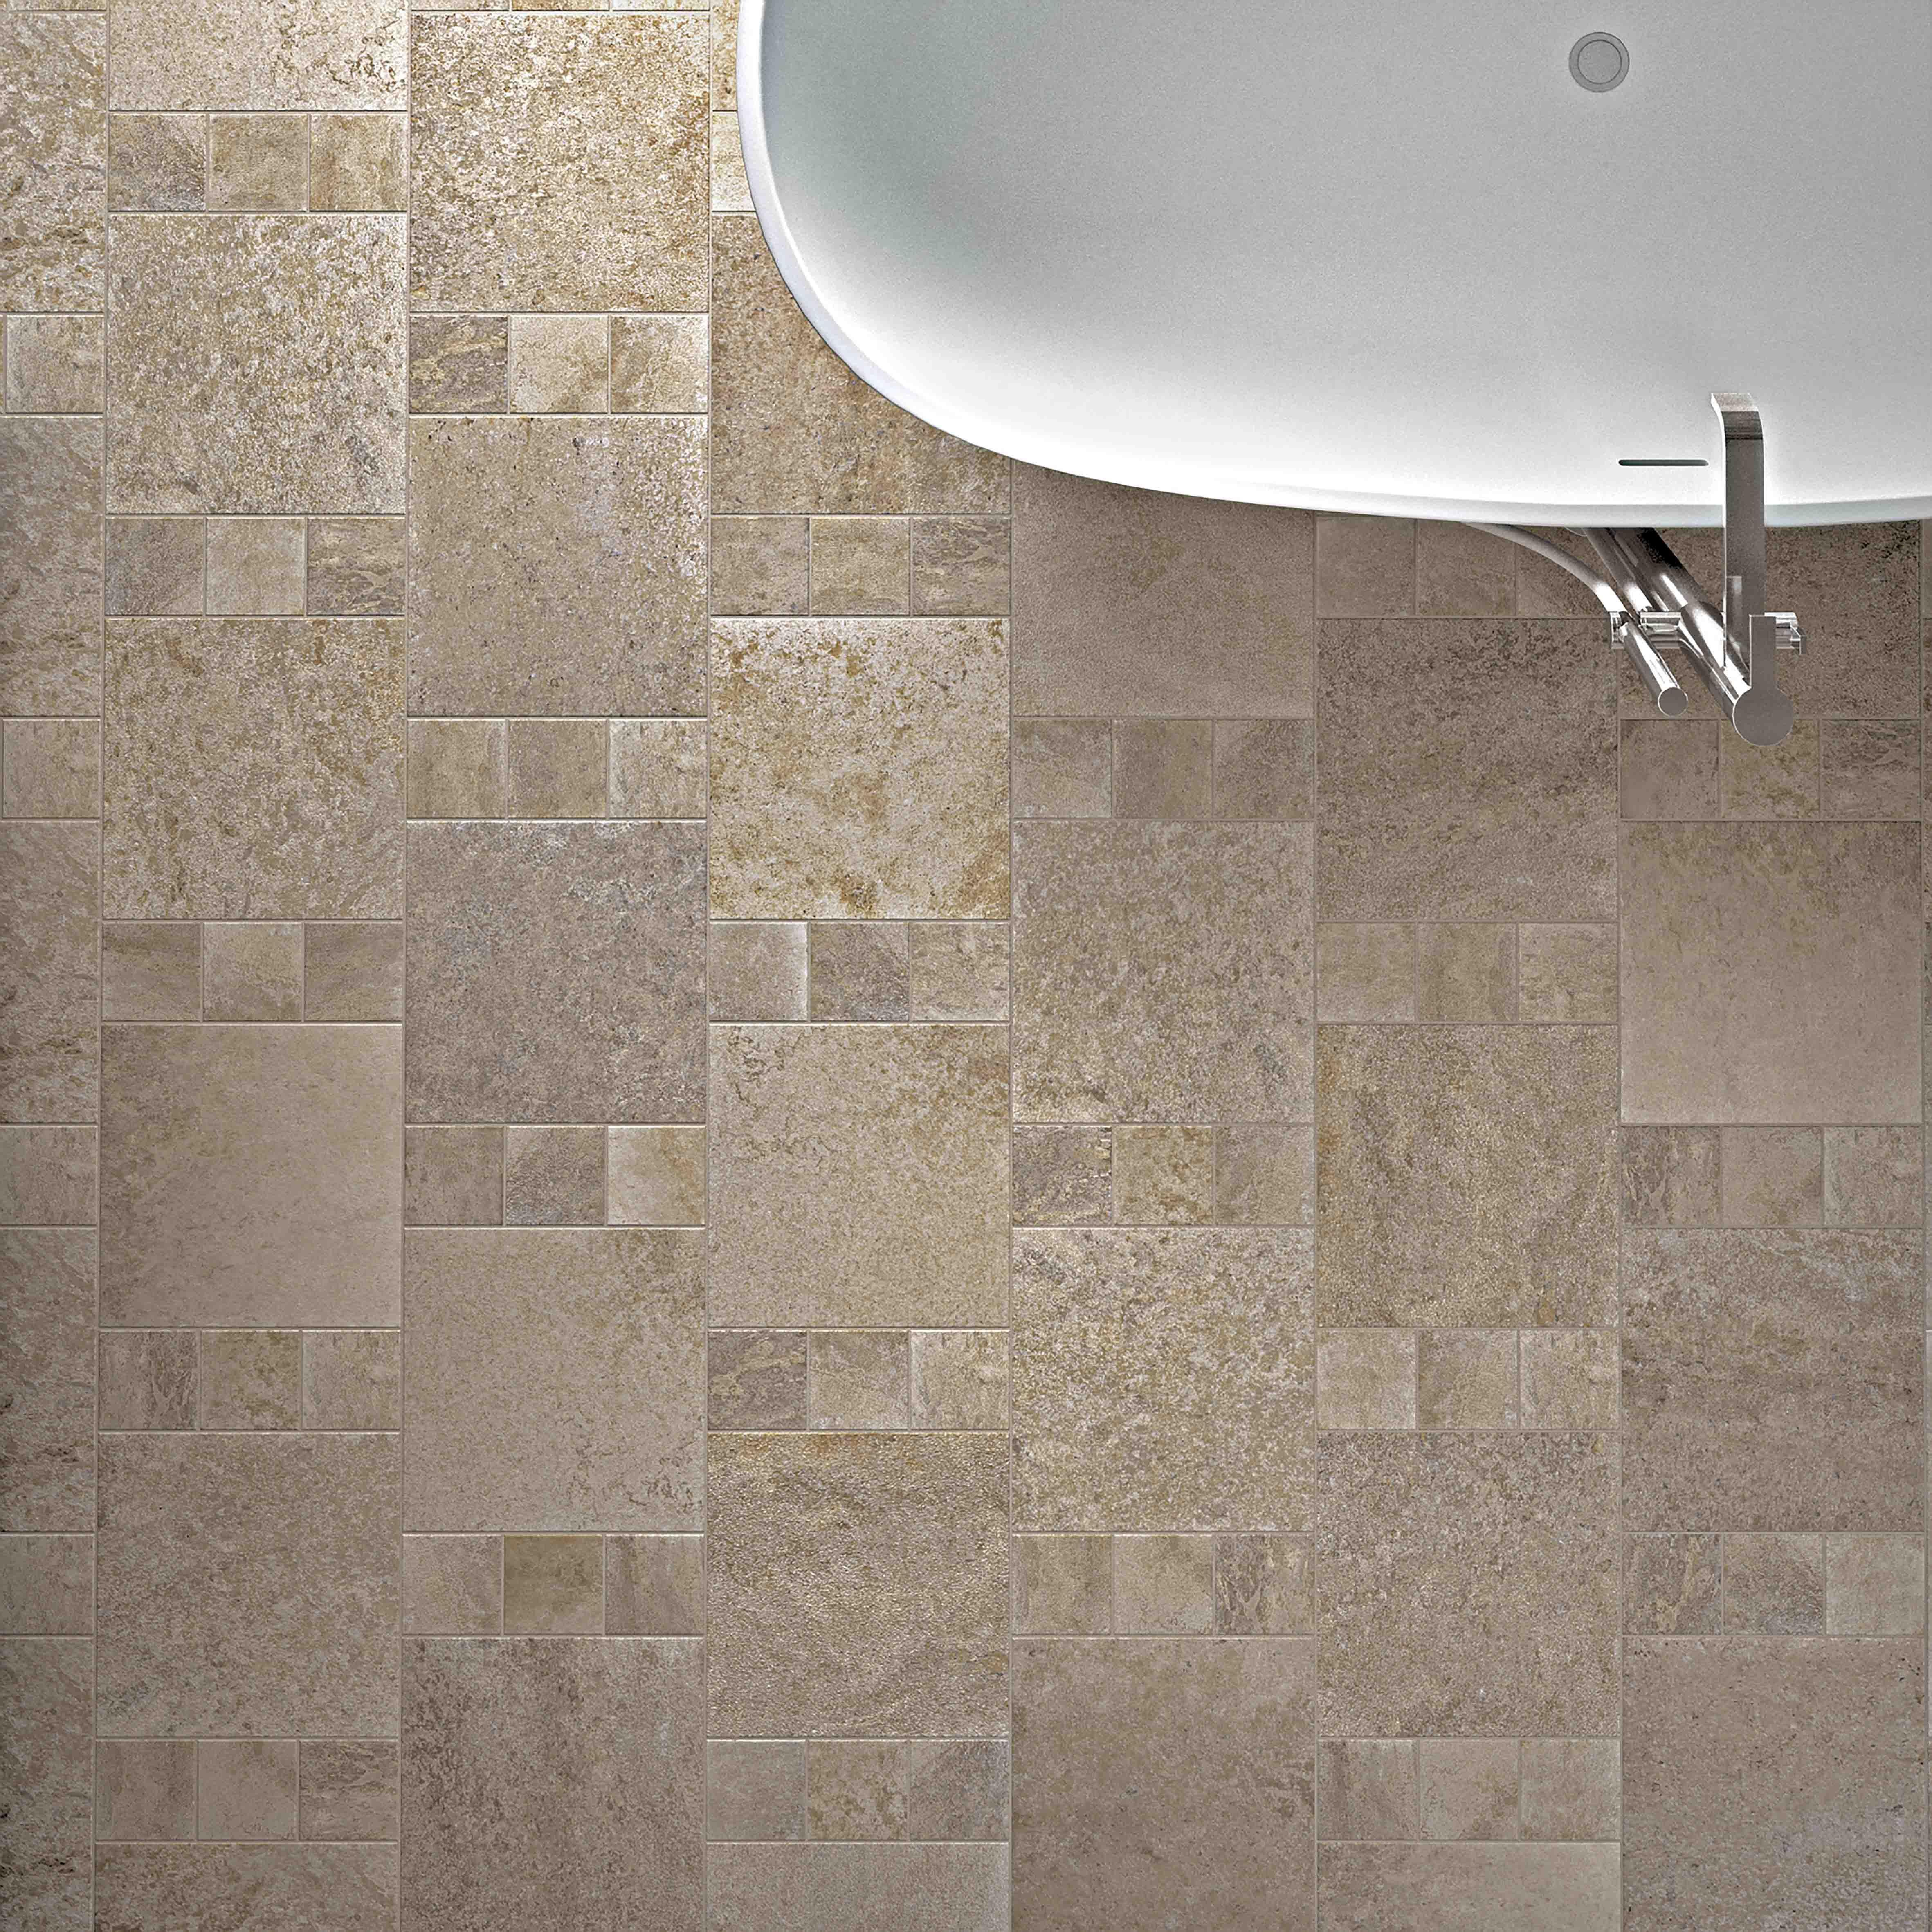 Repairing Loose Tiles Bathroom